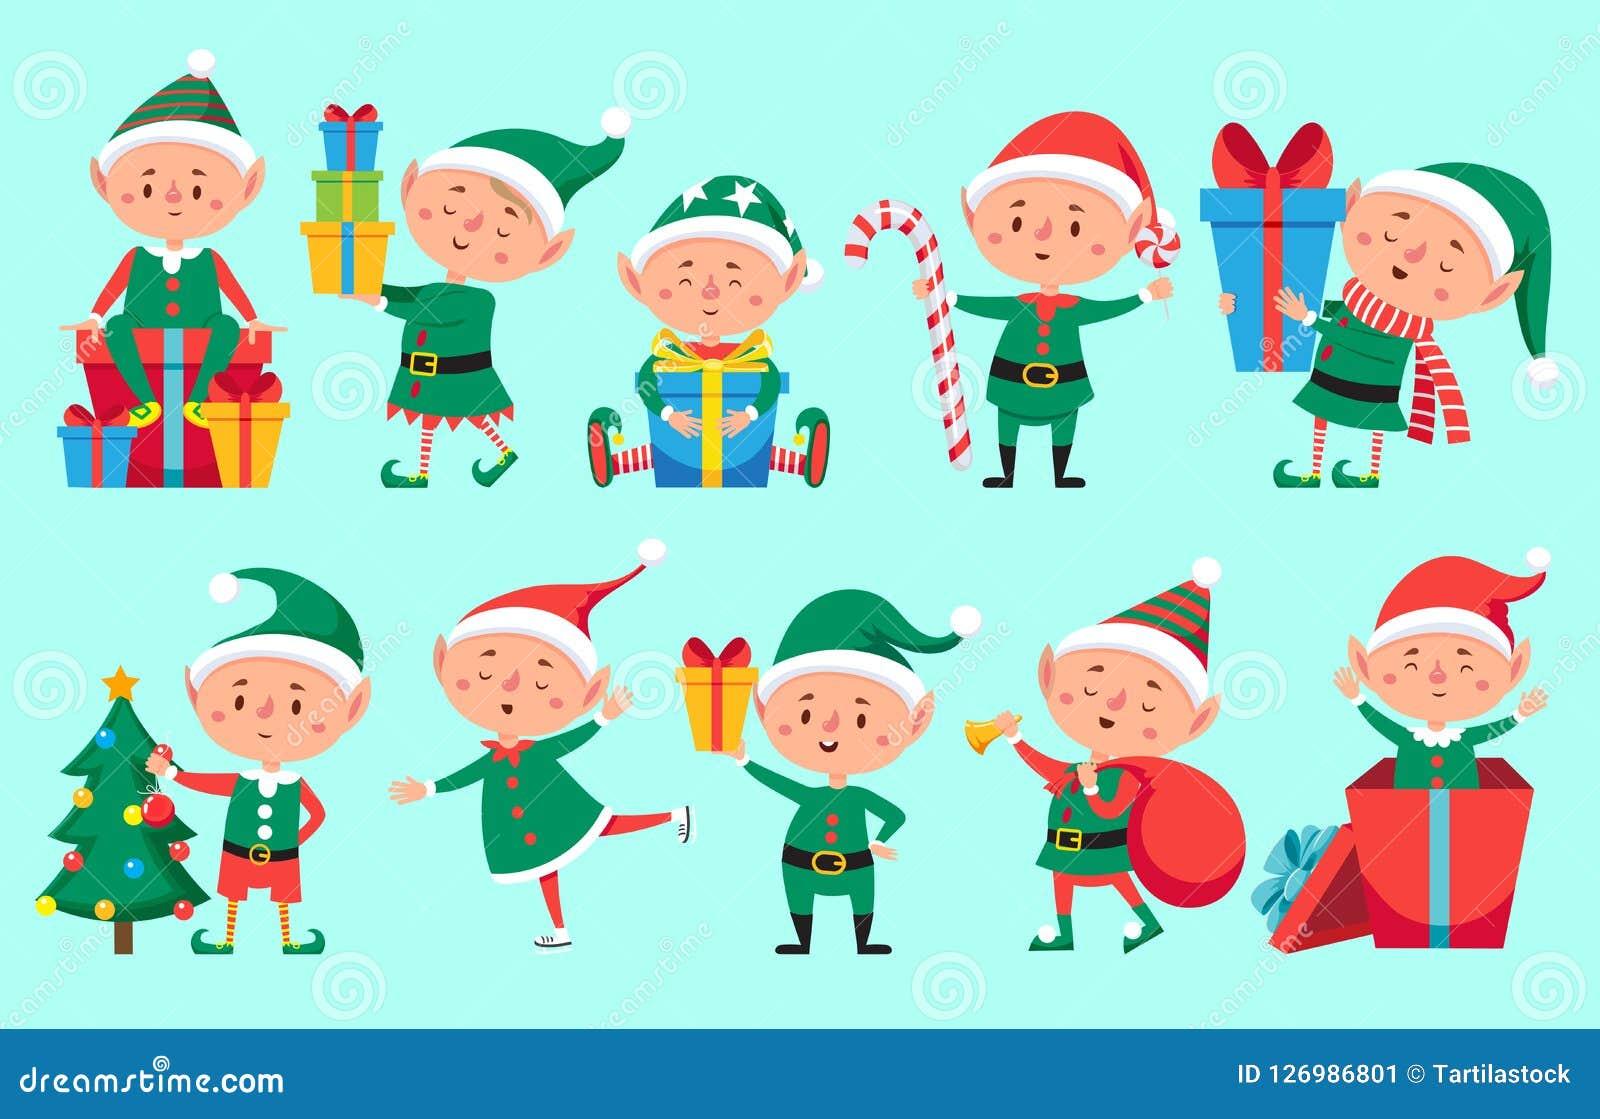 Christmas Elf.Christmas Elf Character Cute Santa Claus Helpers Elves